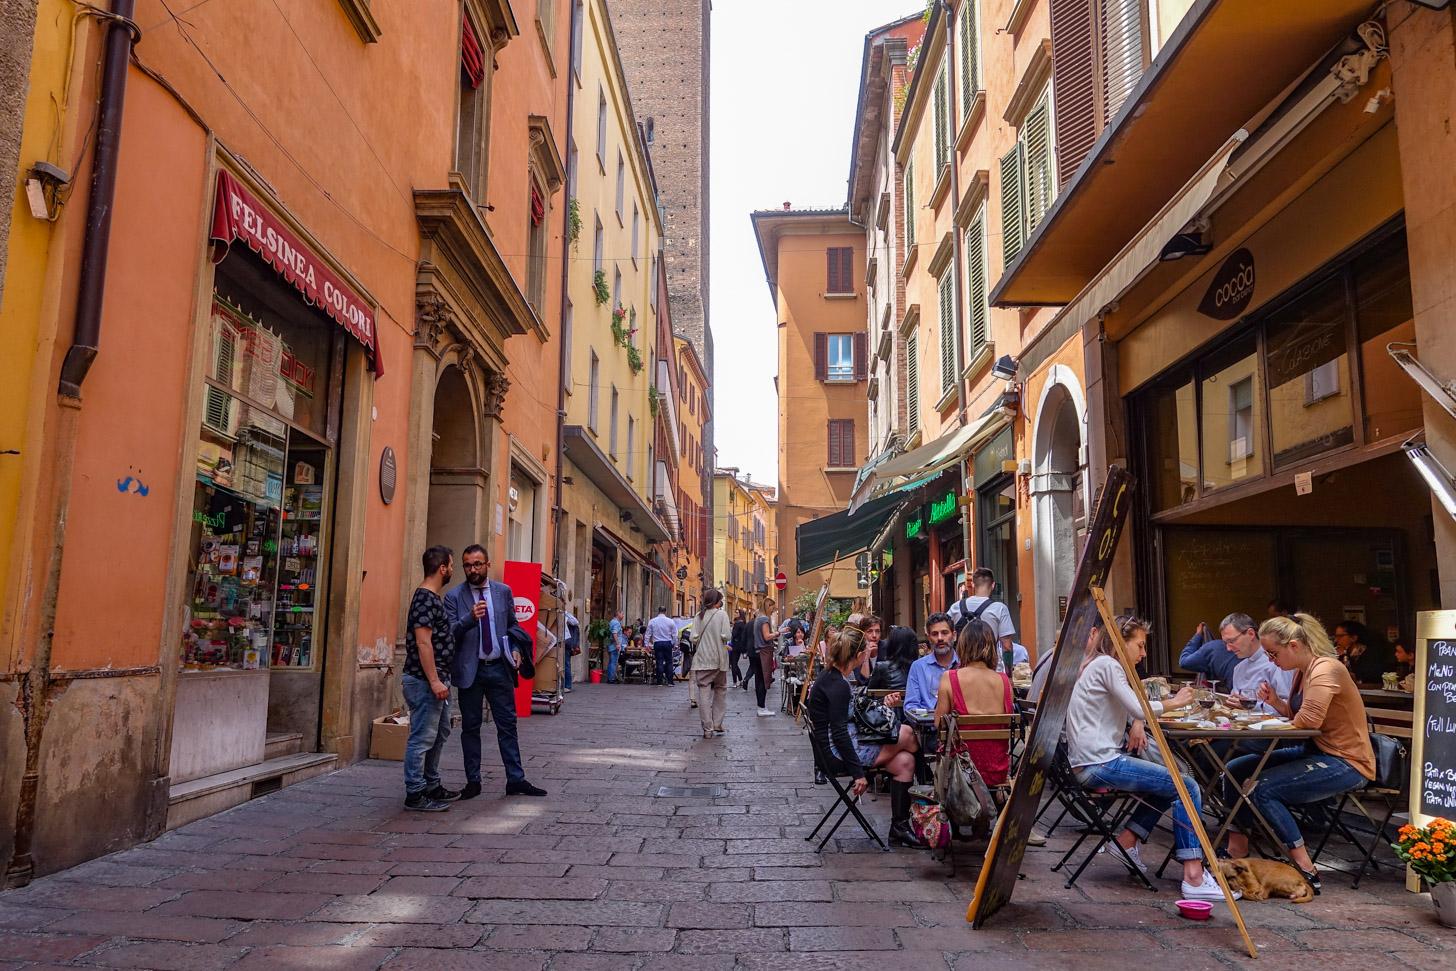 Stedentrip naar Bologna